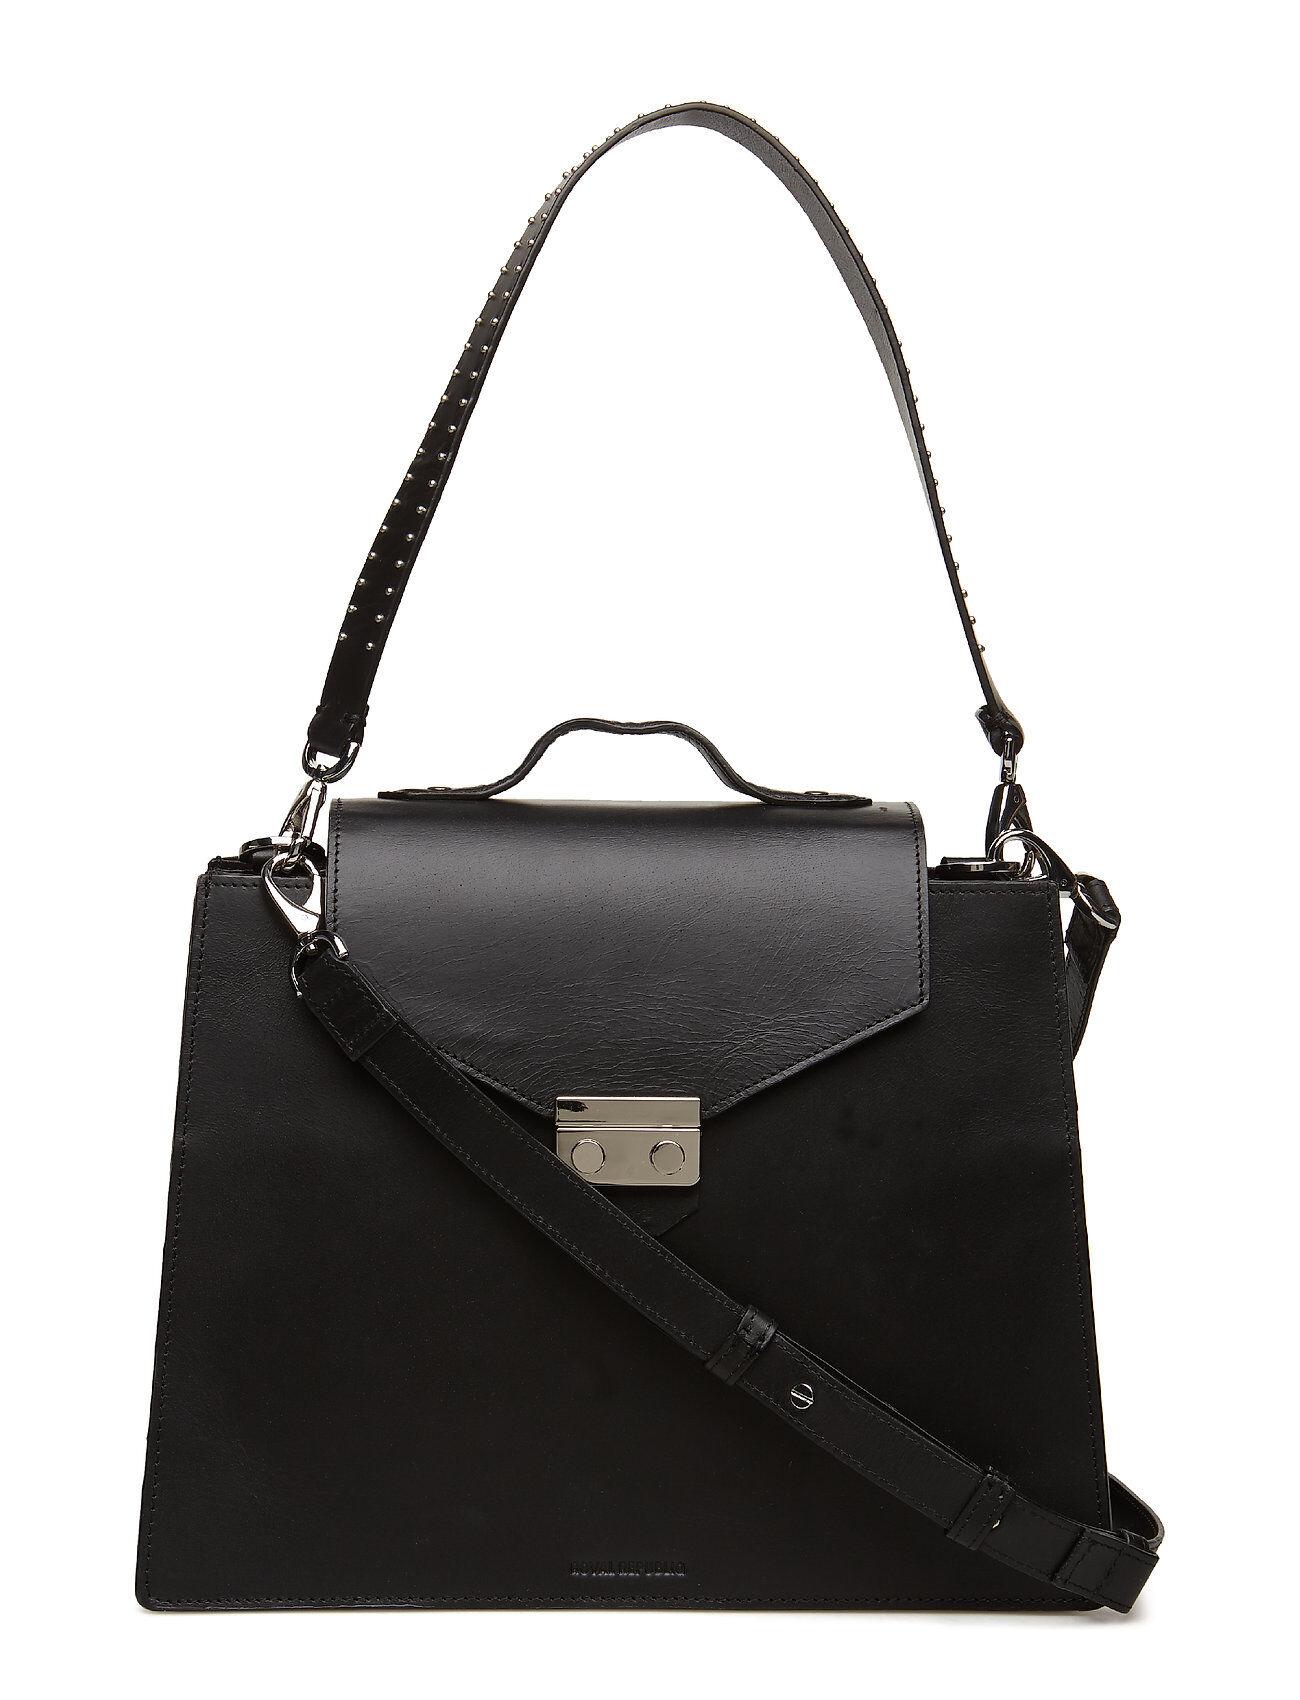 Royal RepubliQ New Conductor Handbag